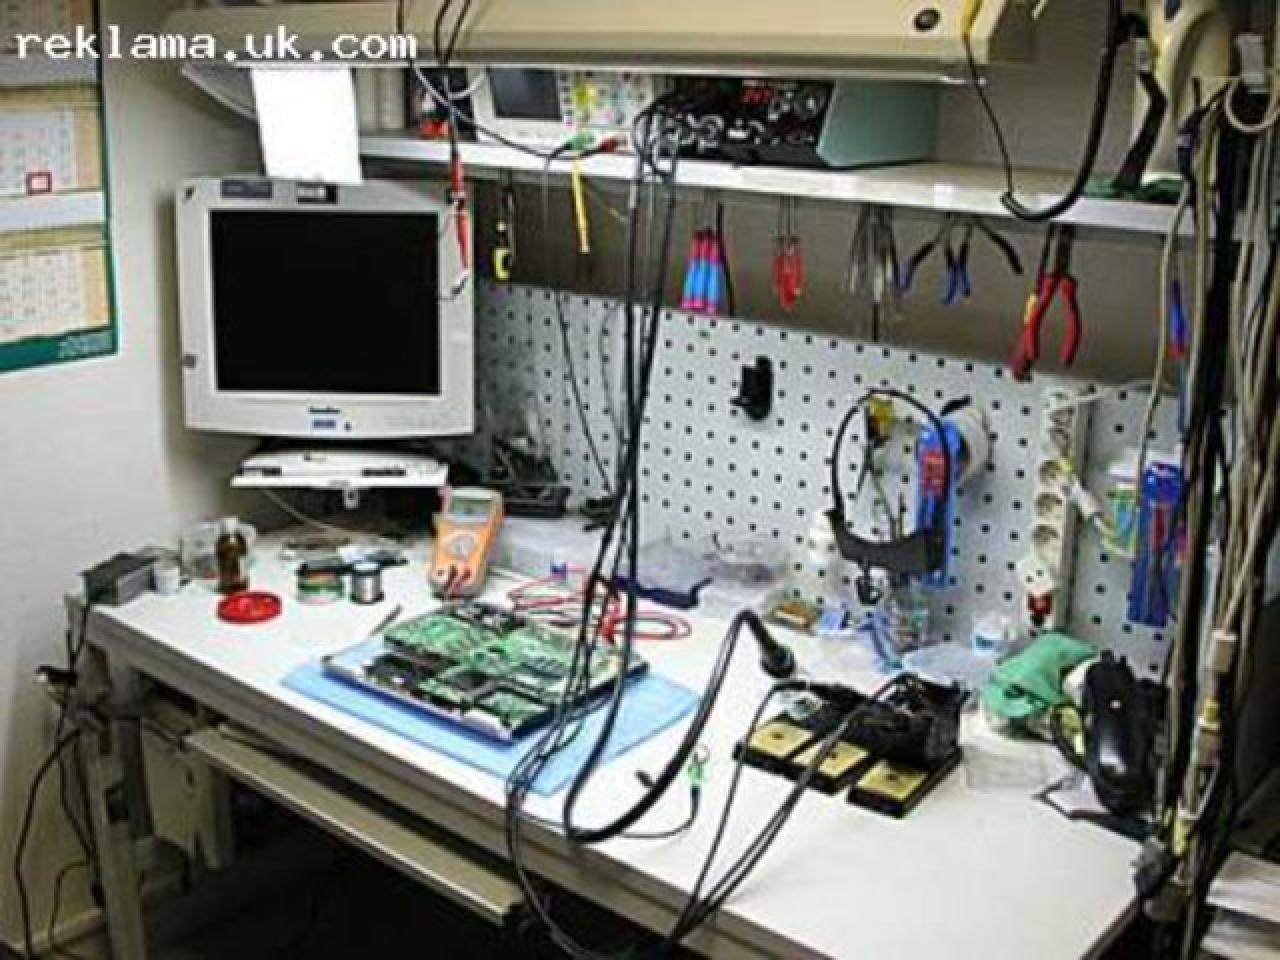 Ремонт компьютеров,ноутбуков,macbook,imac,ребоулинг и замена видео чипов,снятие паролей. - 2